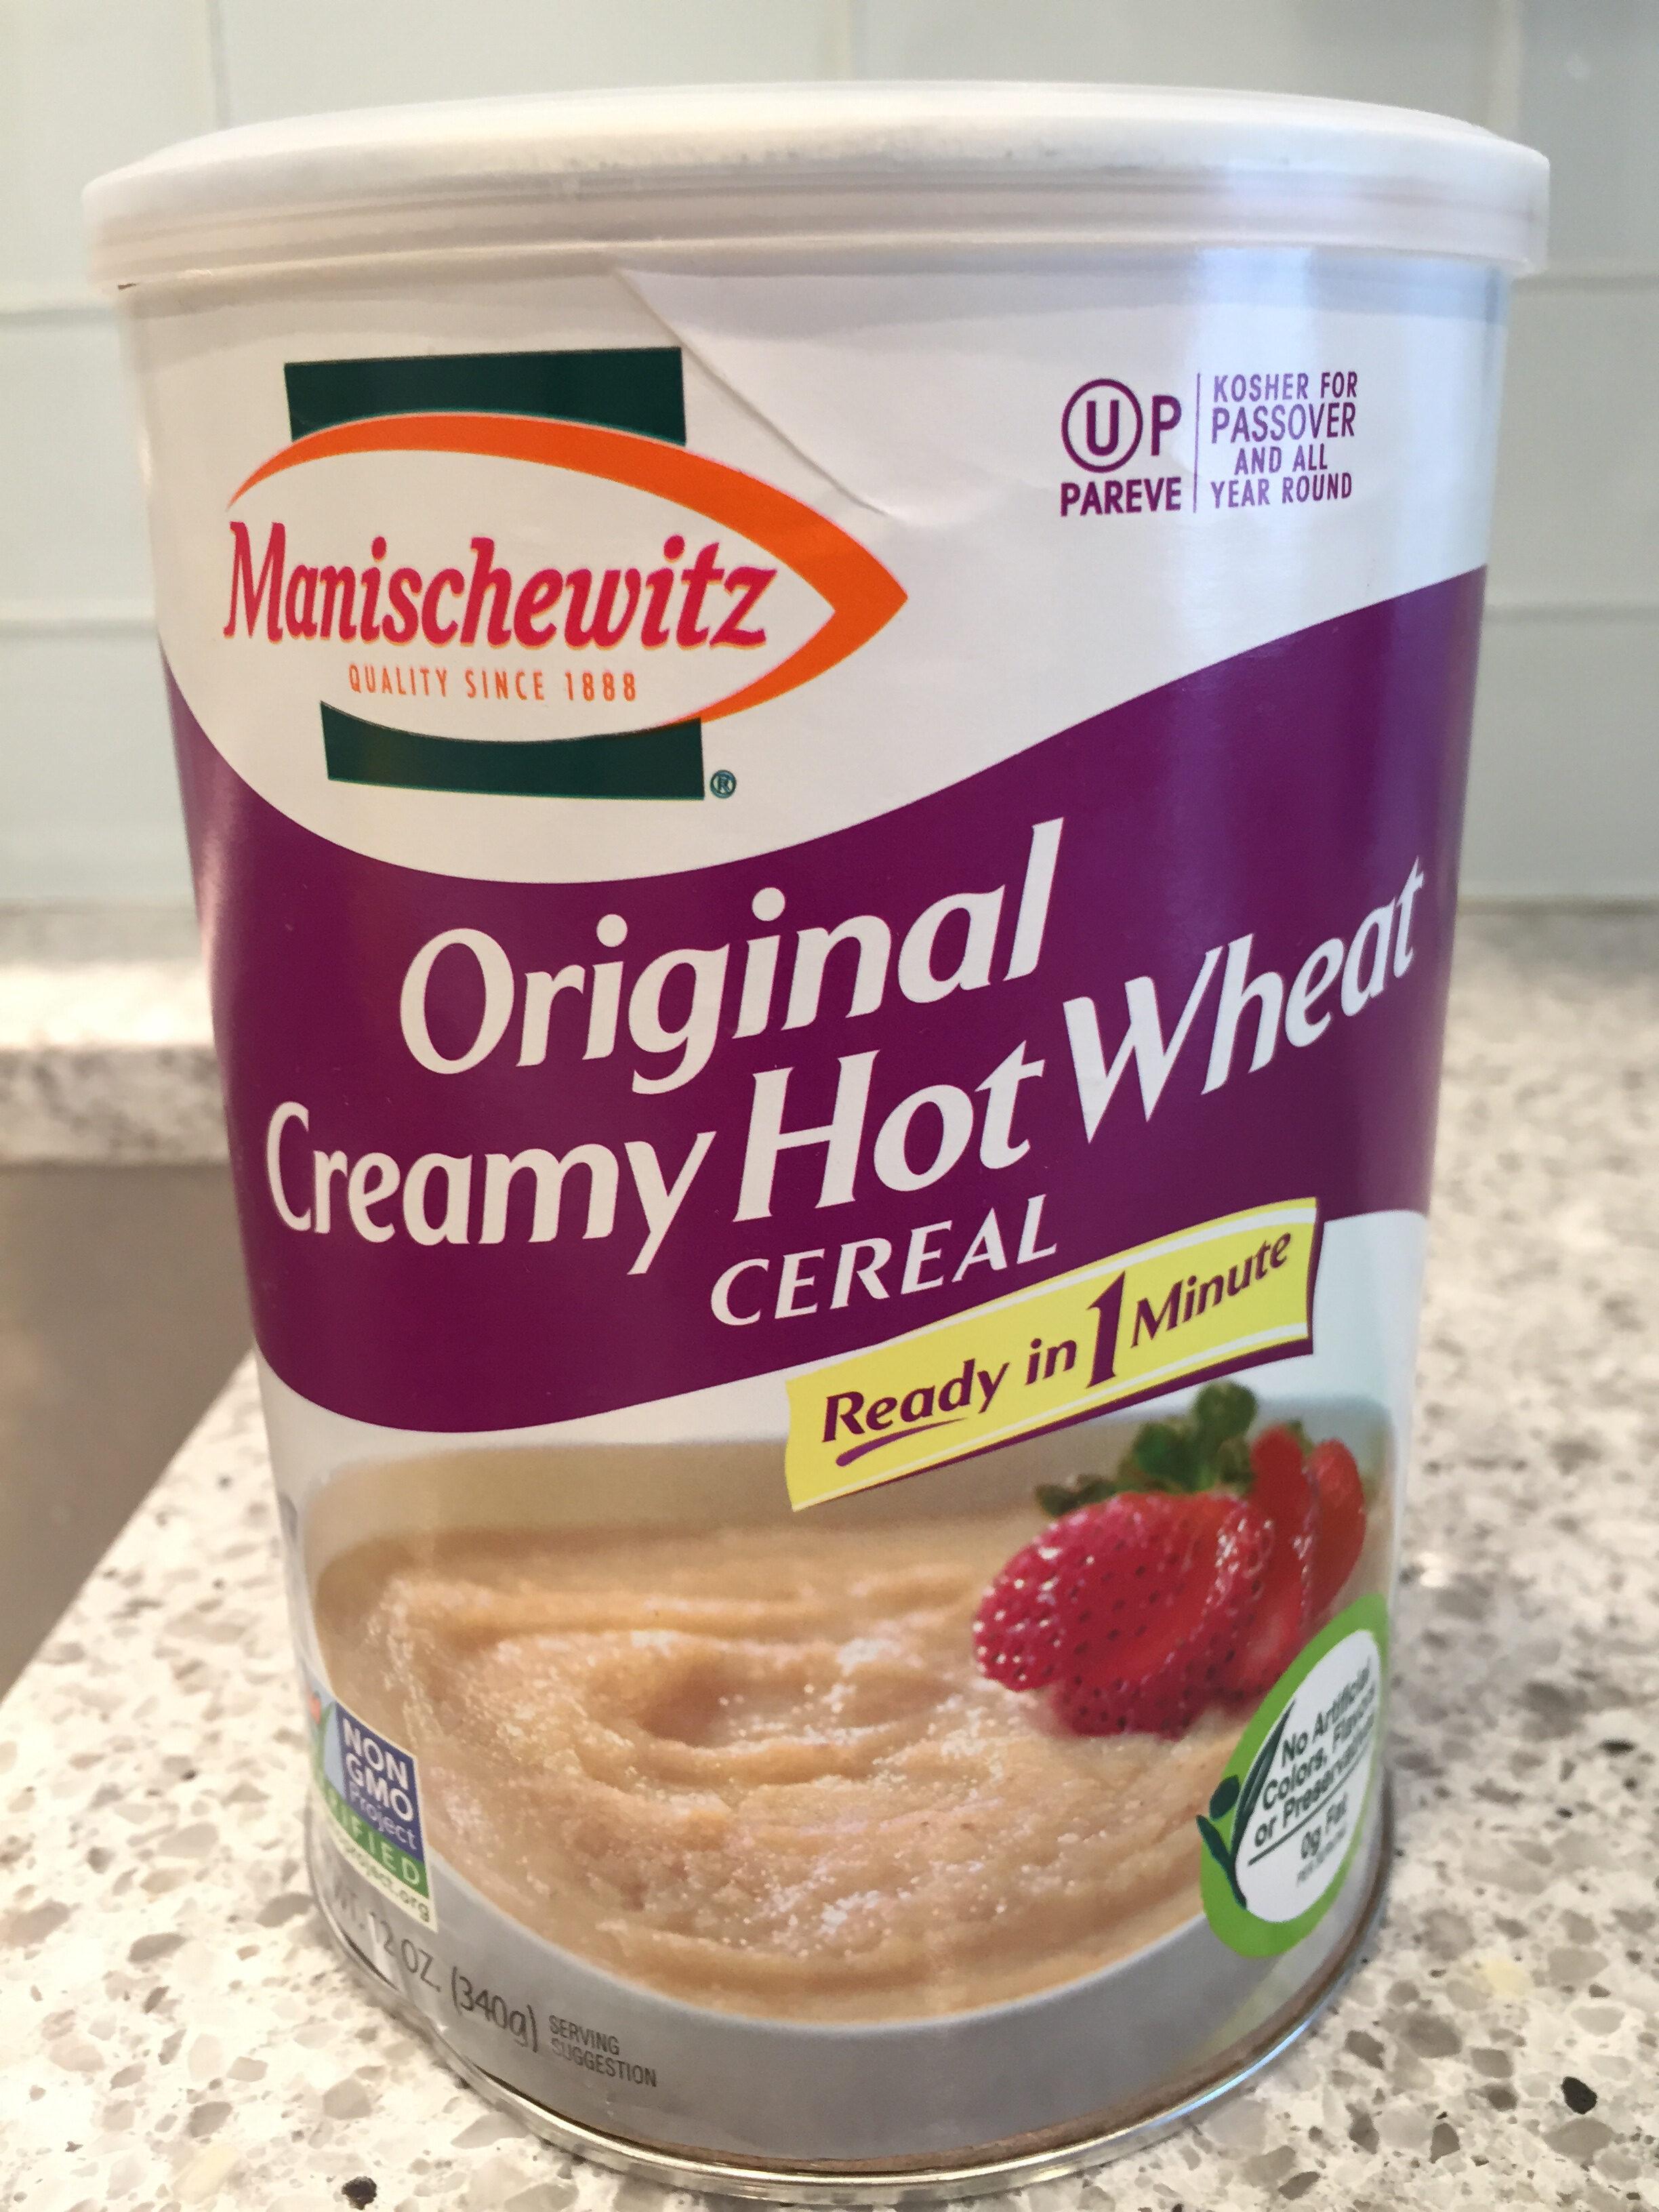 Original creamy hot wheat cereal - Product - en